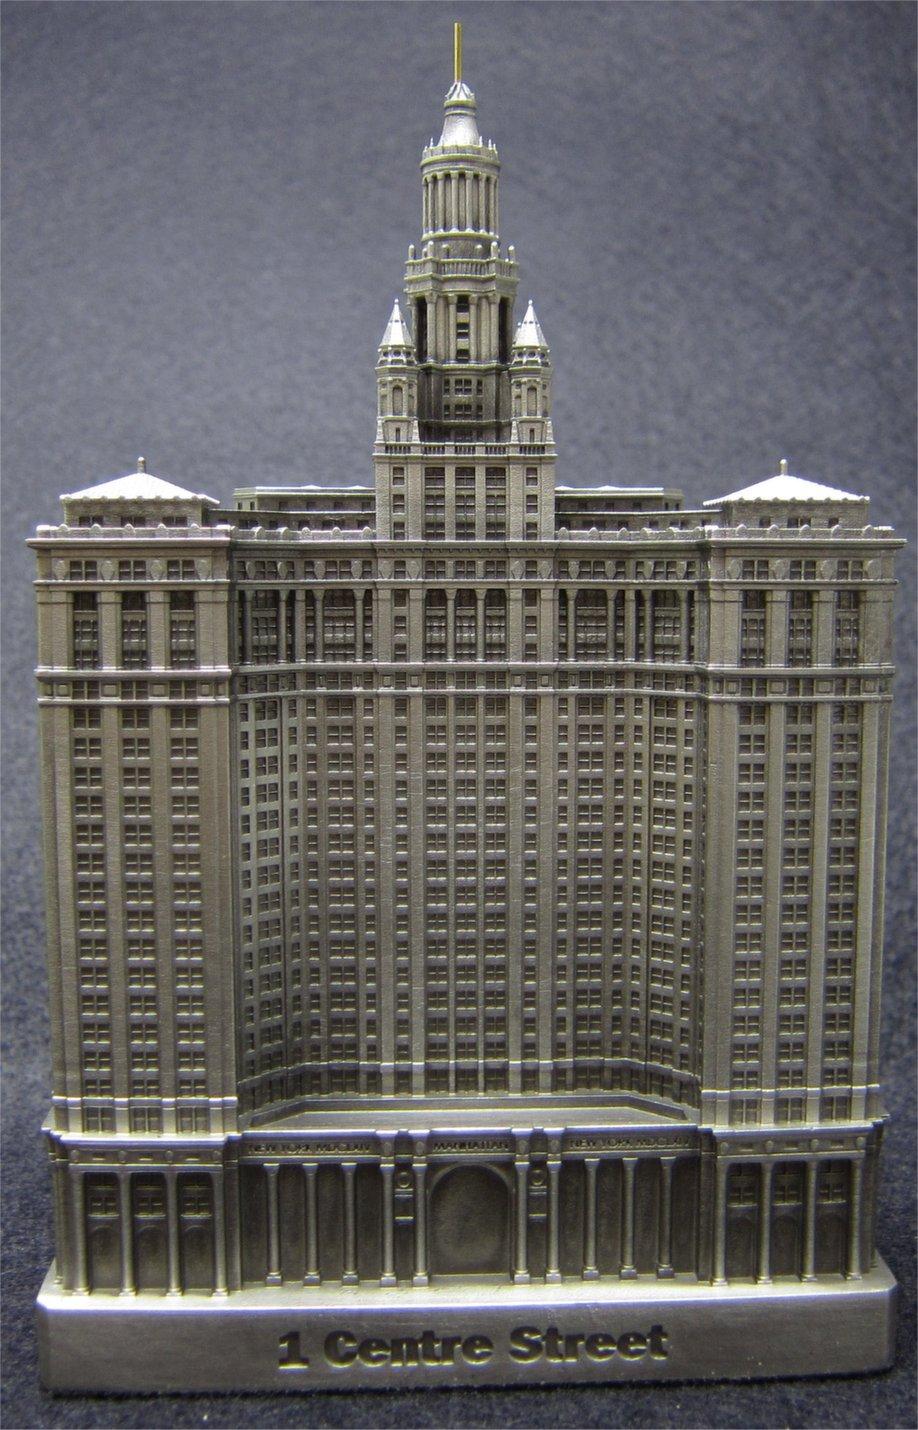 Manhattan Municipal Building: InFocusTech Replica Buildings